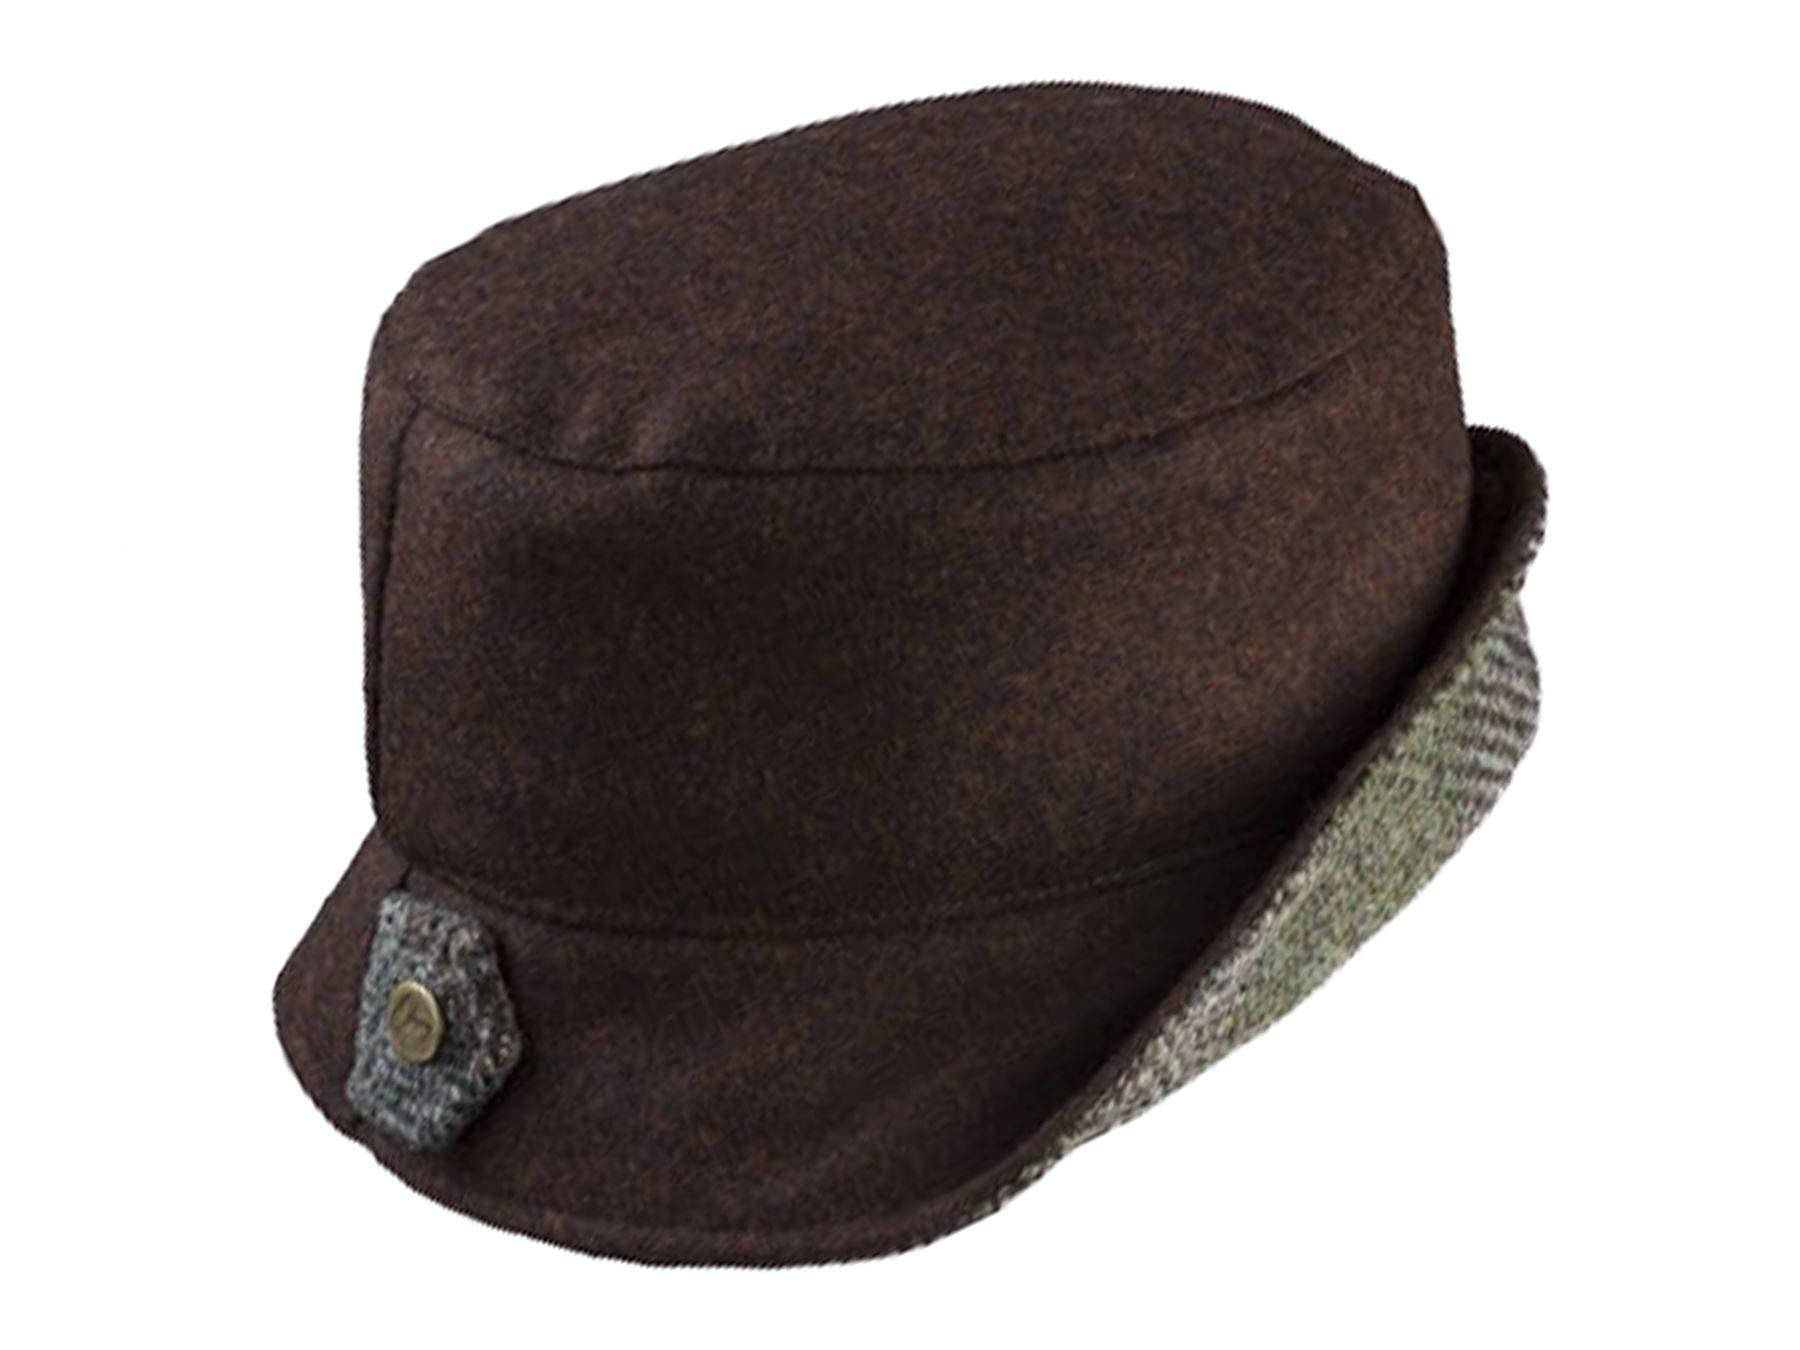 Olney Sara Ladies Wool Tweed Cloche Hat - Brown